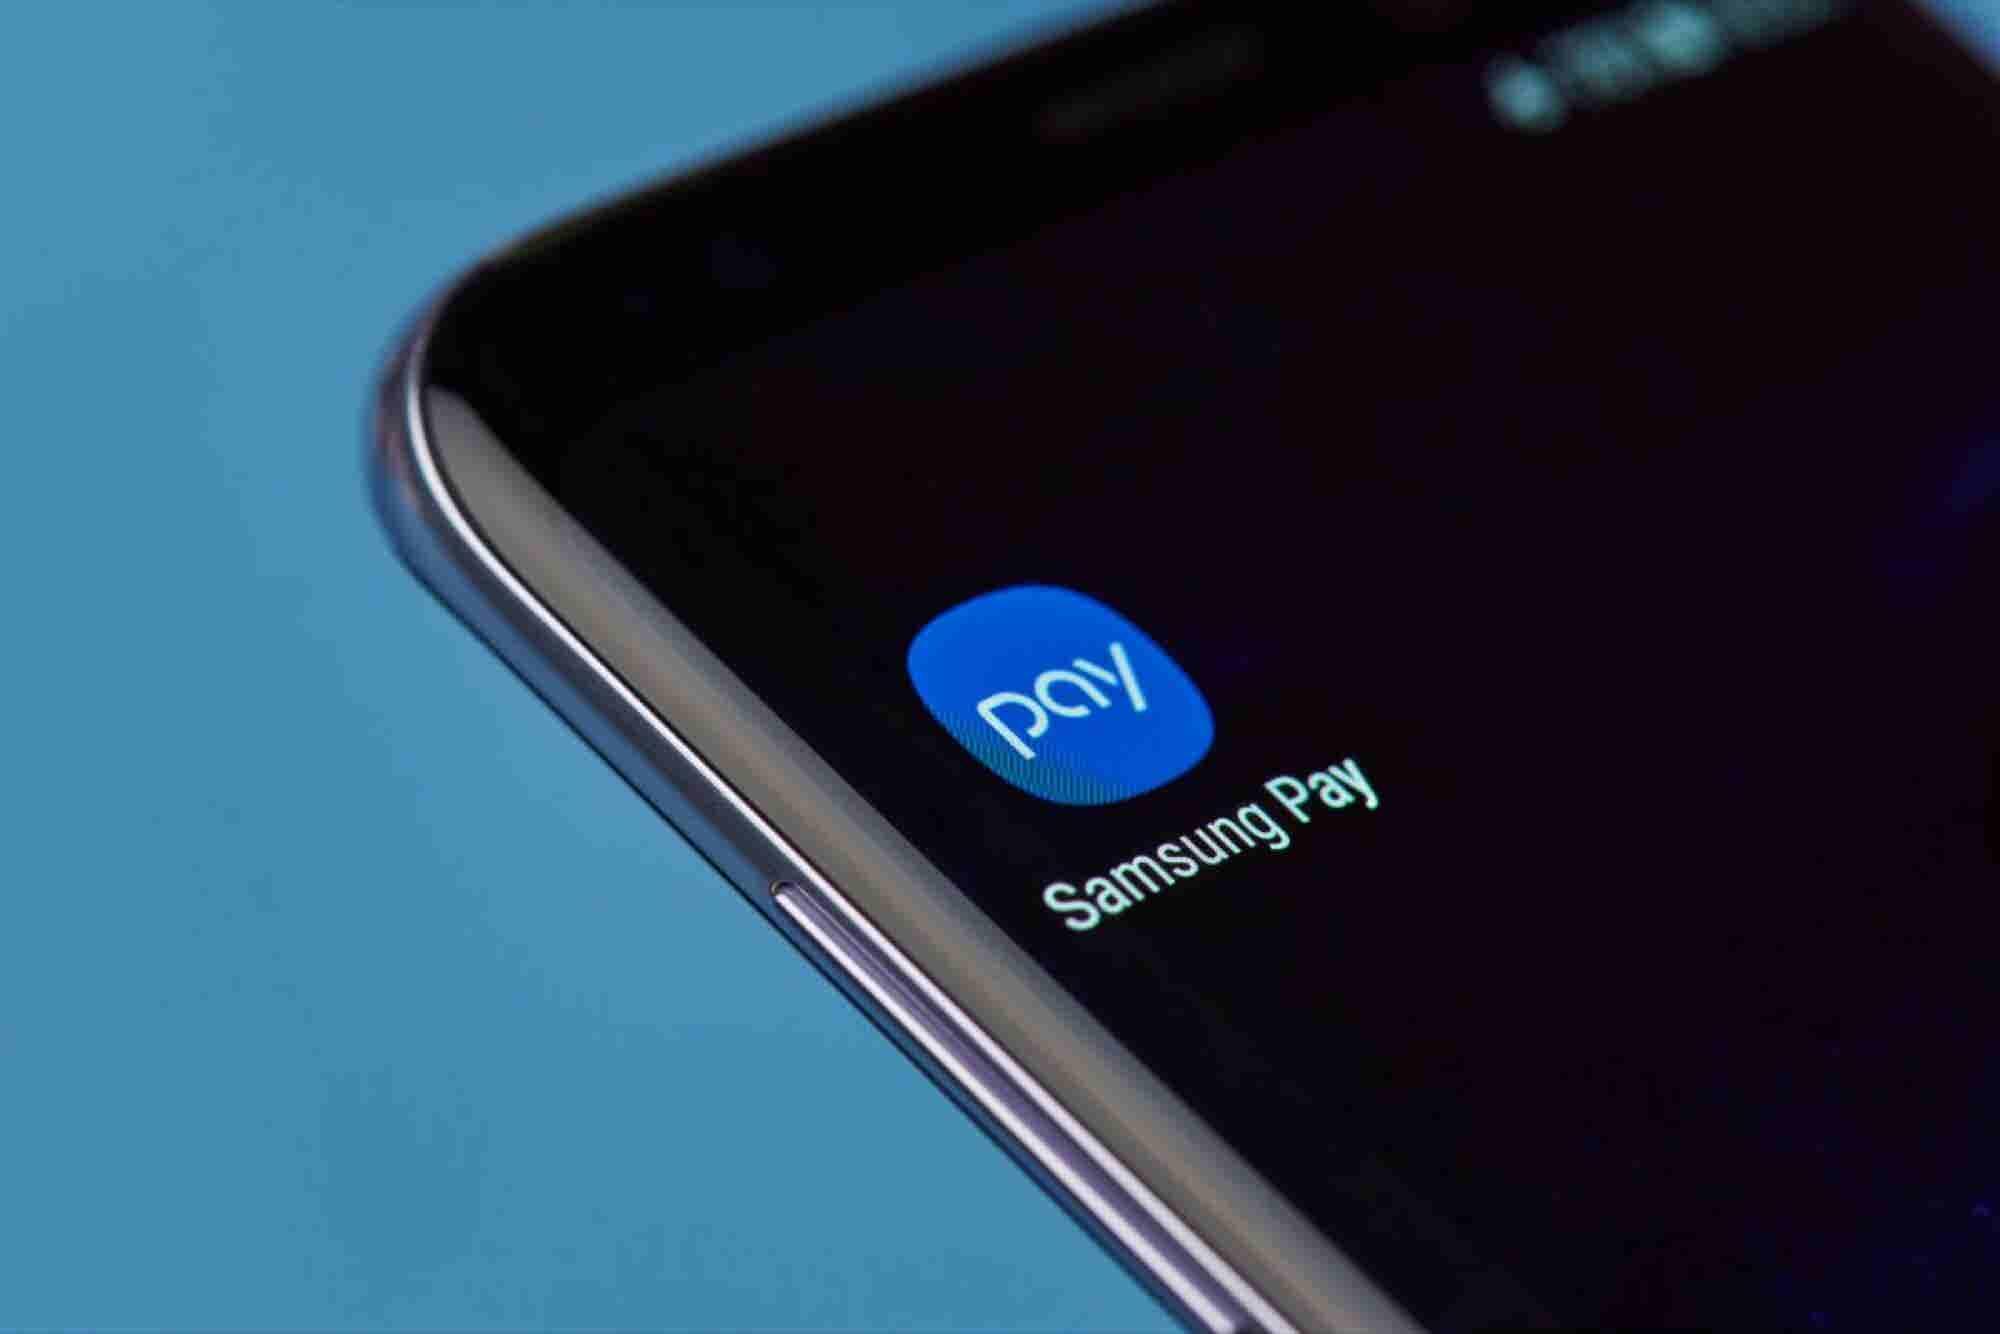 Por fin Samsung Pay llega a México para usuarios de Visa